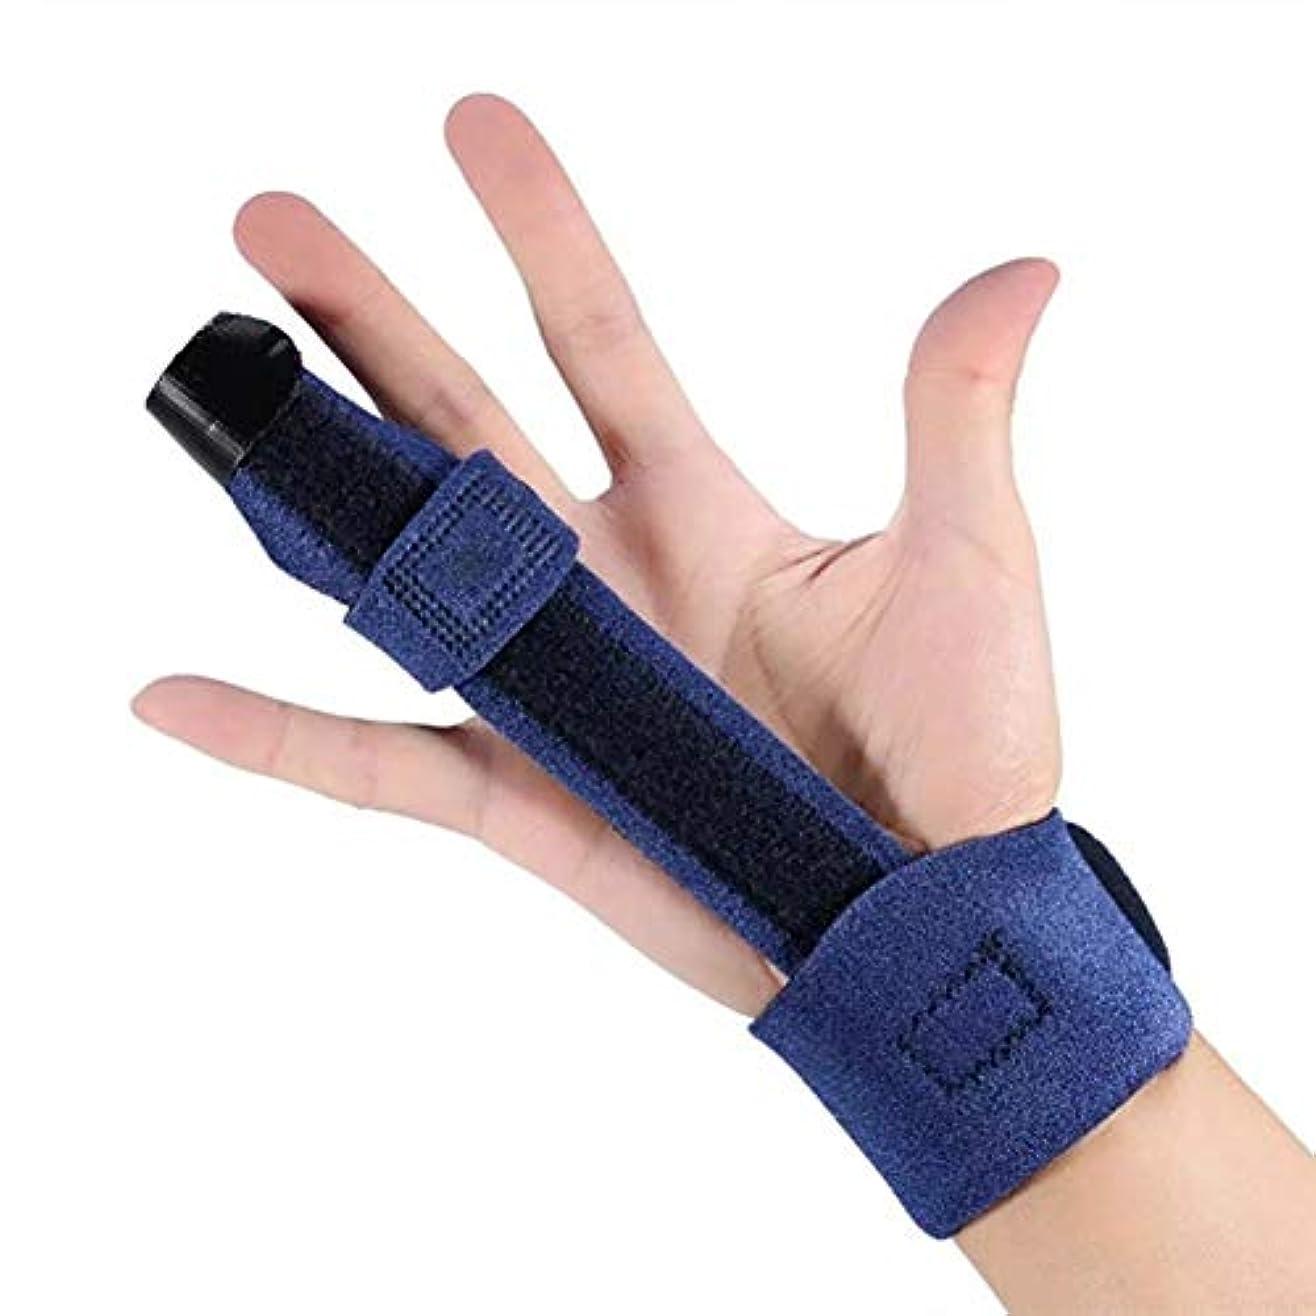 飢え忠実によろしくスプリント指、指拡張スプリント、ばね指、マレット指のため、可鍛性金属ハンドスプリントフィンガーサポート(調節可能なマジックテープ)